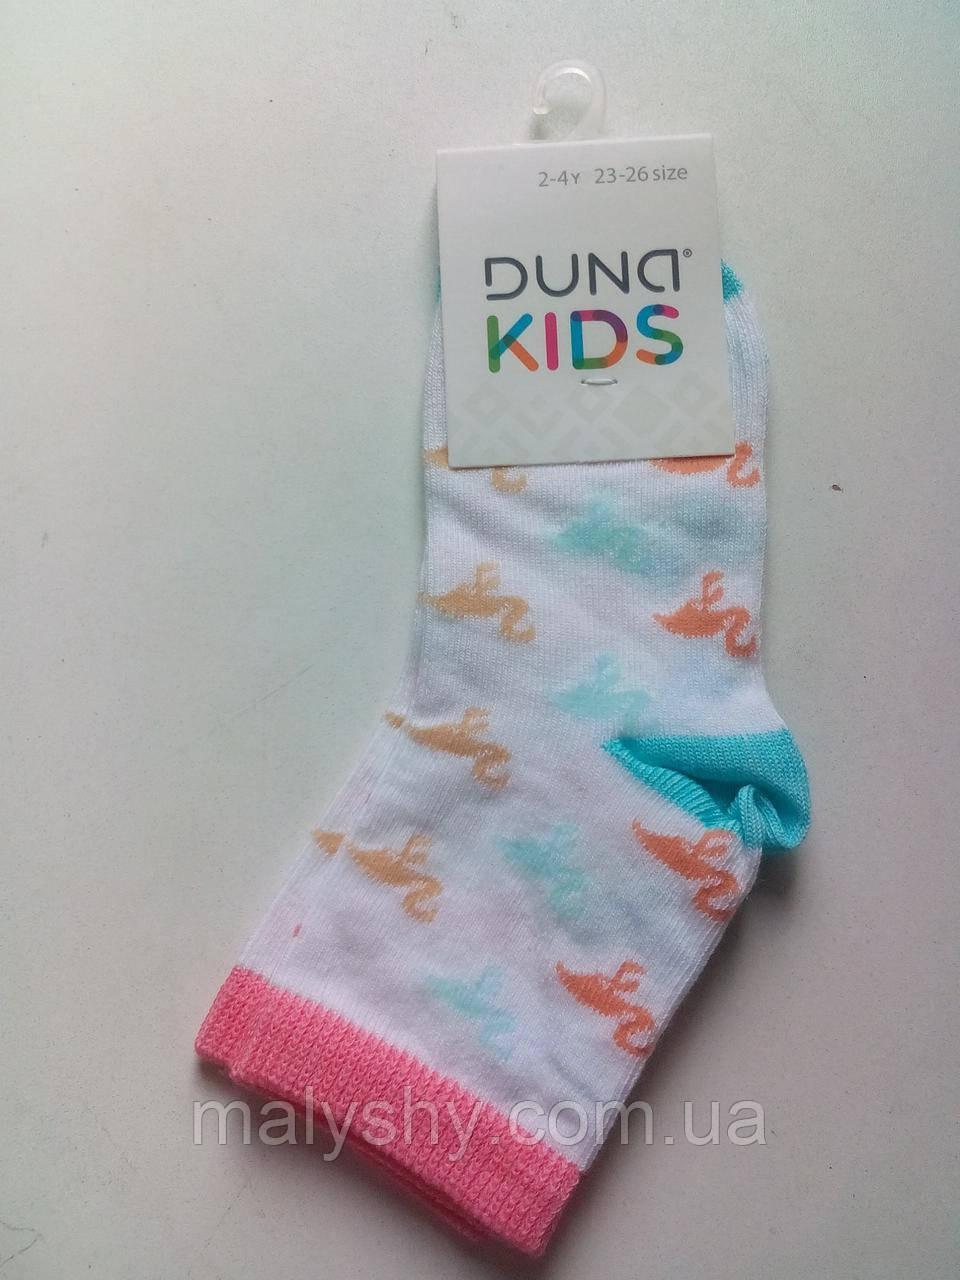 Детские носки демисезонные - Дюна р.16-18 (шкарпетки дитячі) 4560-2433-белый / шкарпетки дитячі